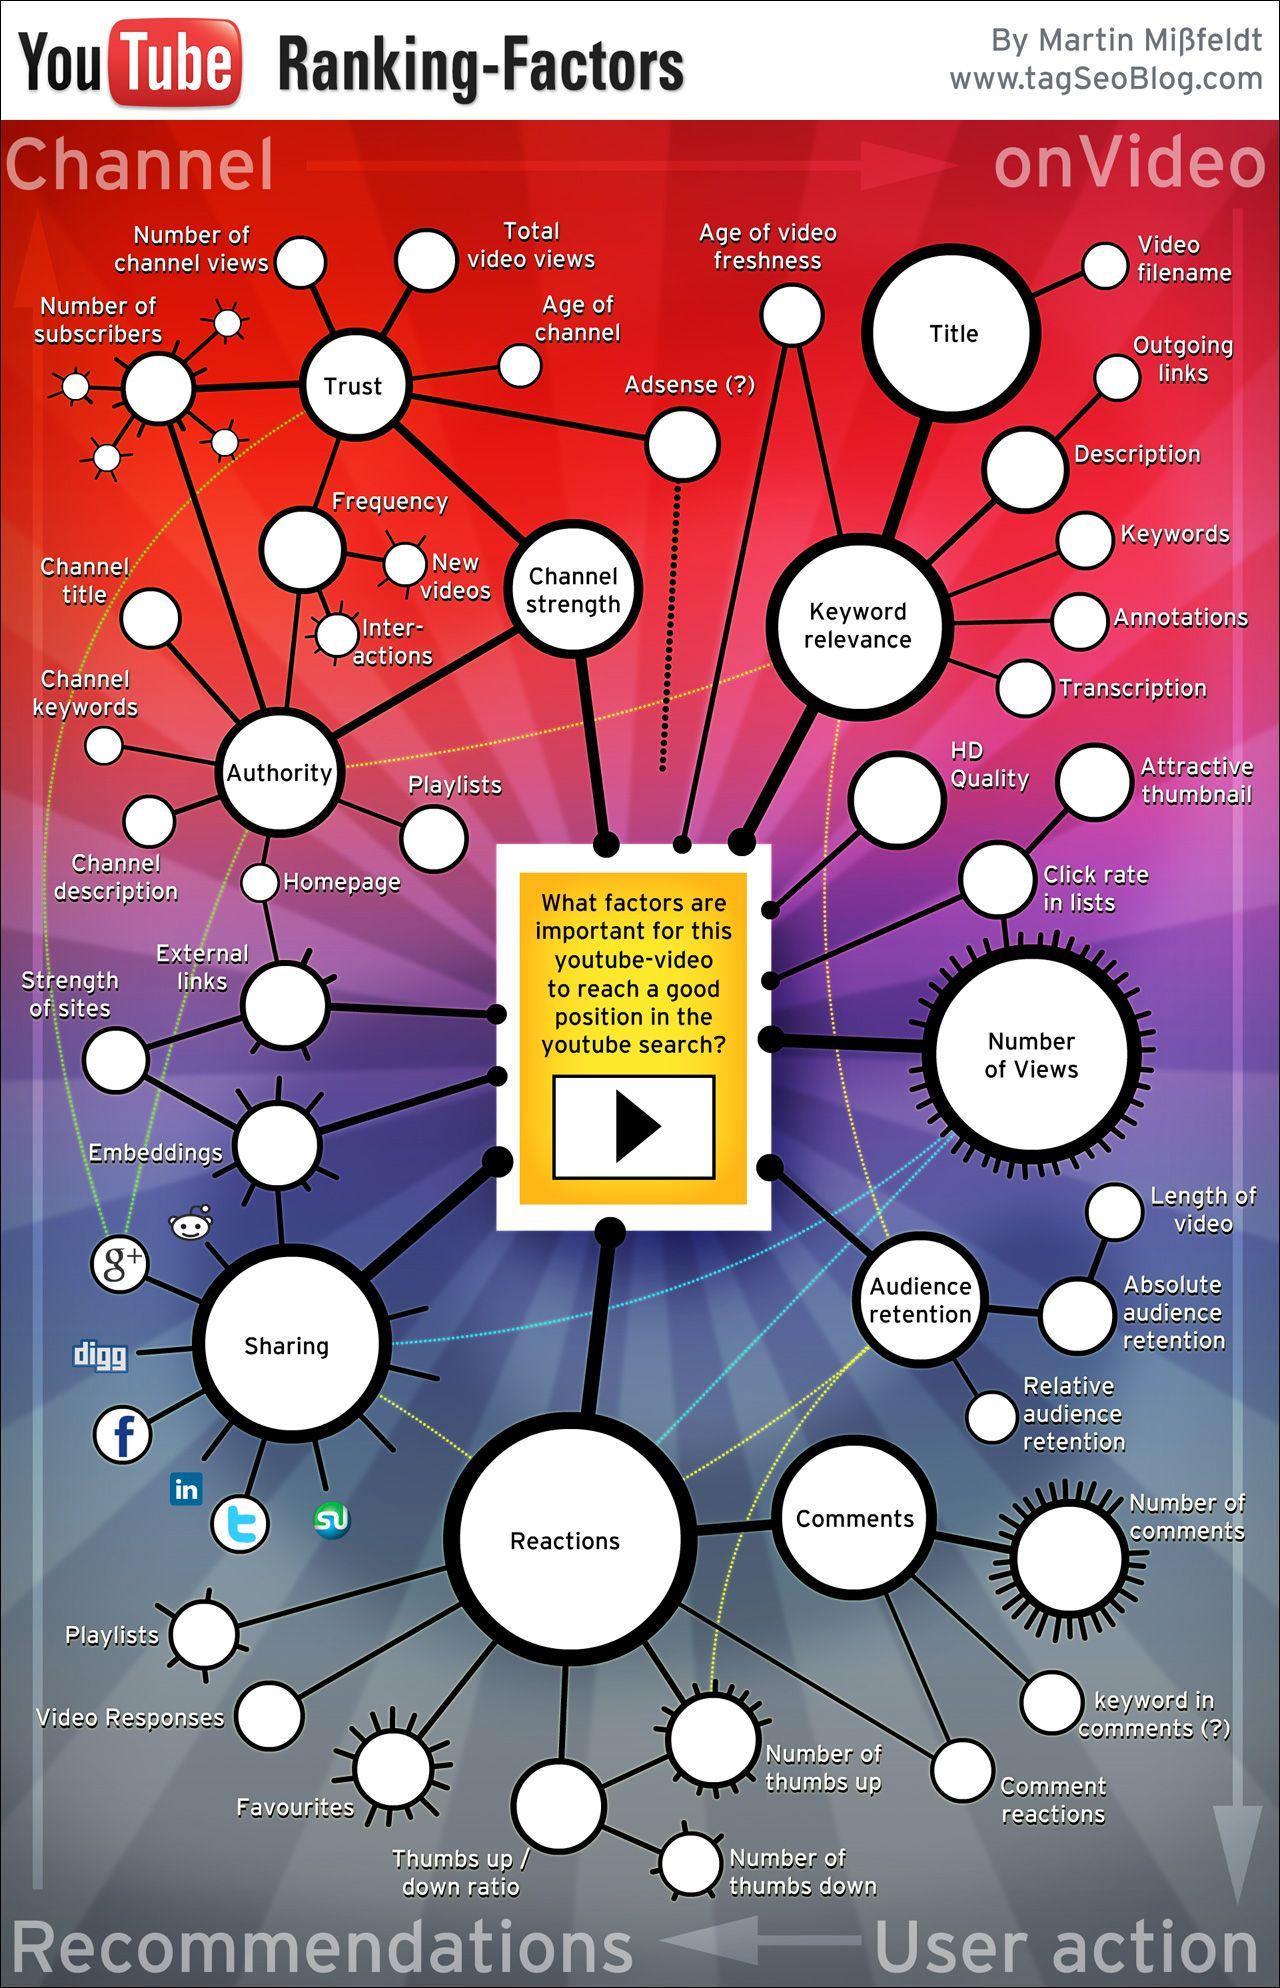 Infographie sur les facteurs qui font qu'une vidéo atteint une bonne position, lors de recherches sur YouTube #GrowthHacking #WebMarketing #FormationGrowthHacking #CentreDeFormationFrance #TunnelAARRR #AARRR #SocialMedia #CommunityManagement #SEO #YouTube #YouTubeSEO